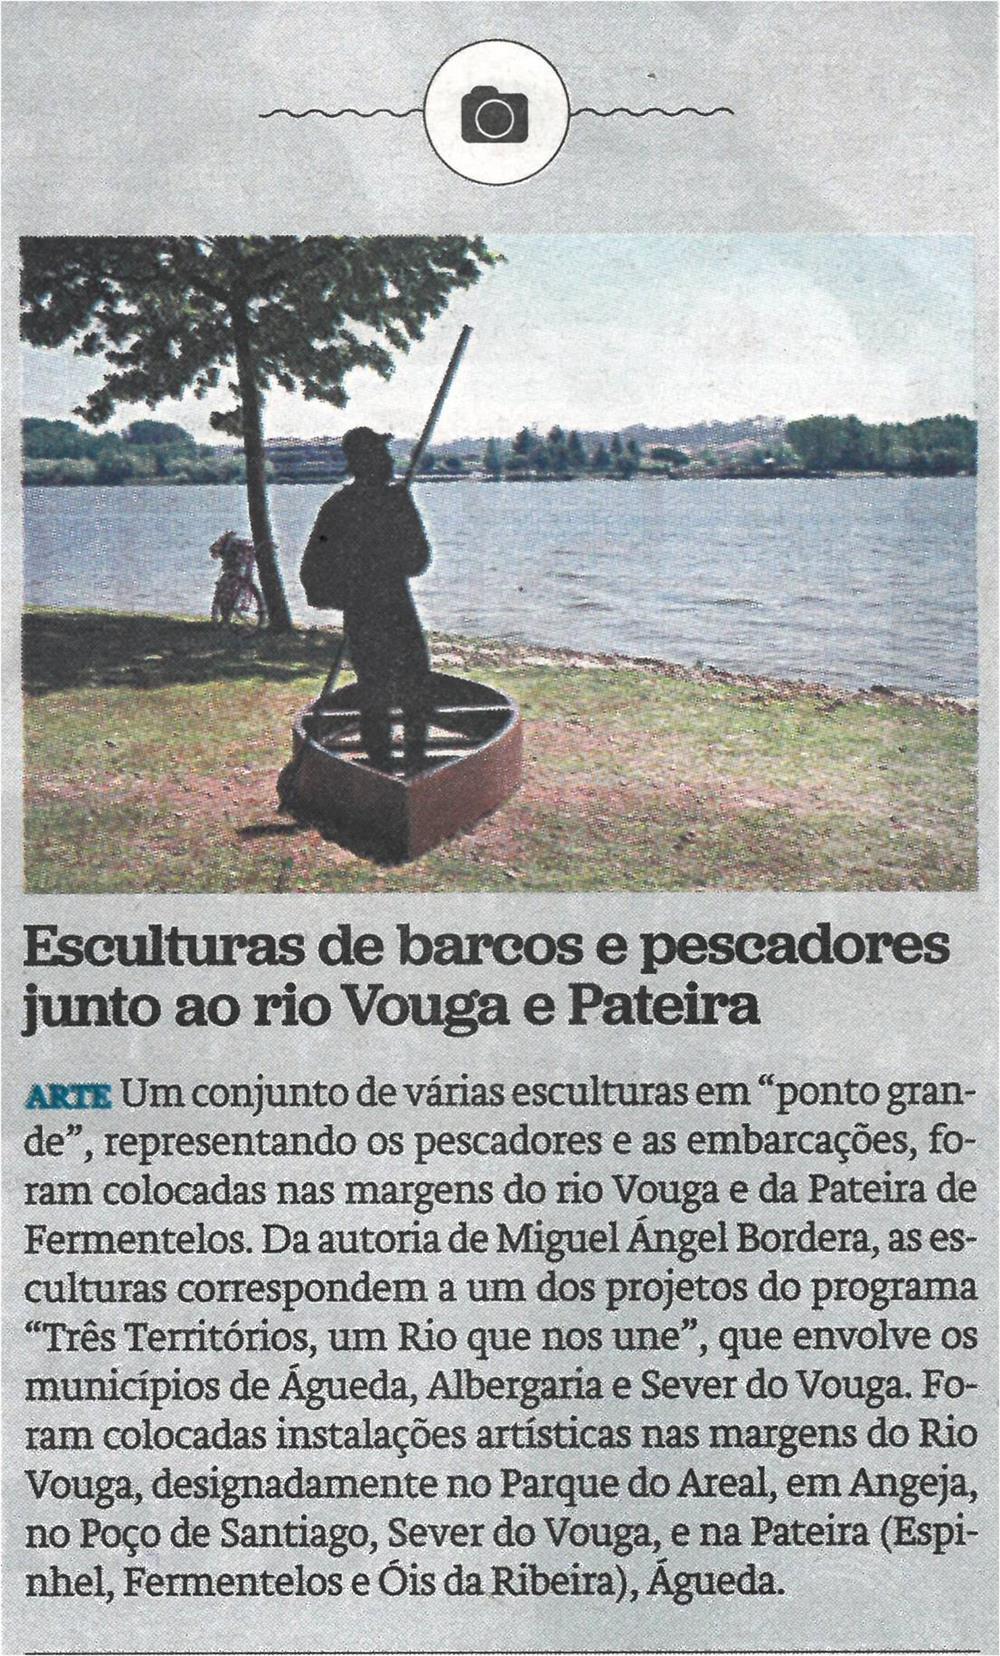 JN-21jun.'21-p.23-Esculturas de barcos e pescadores junto ao Rio Vouga e Pateira.jpg